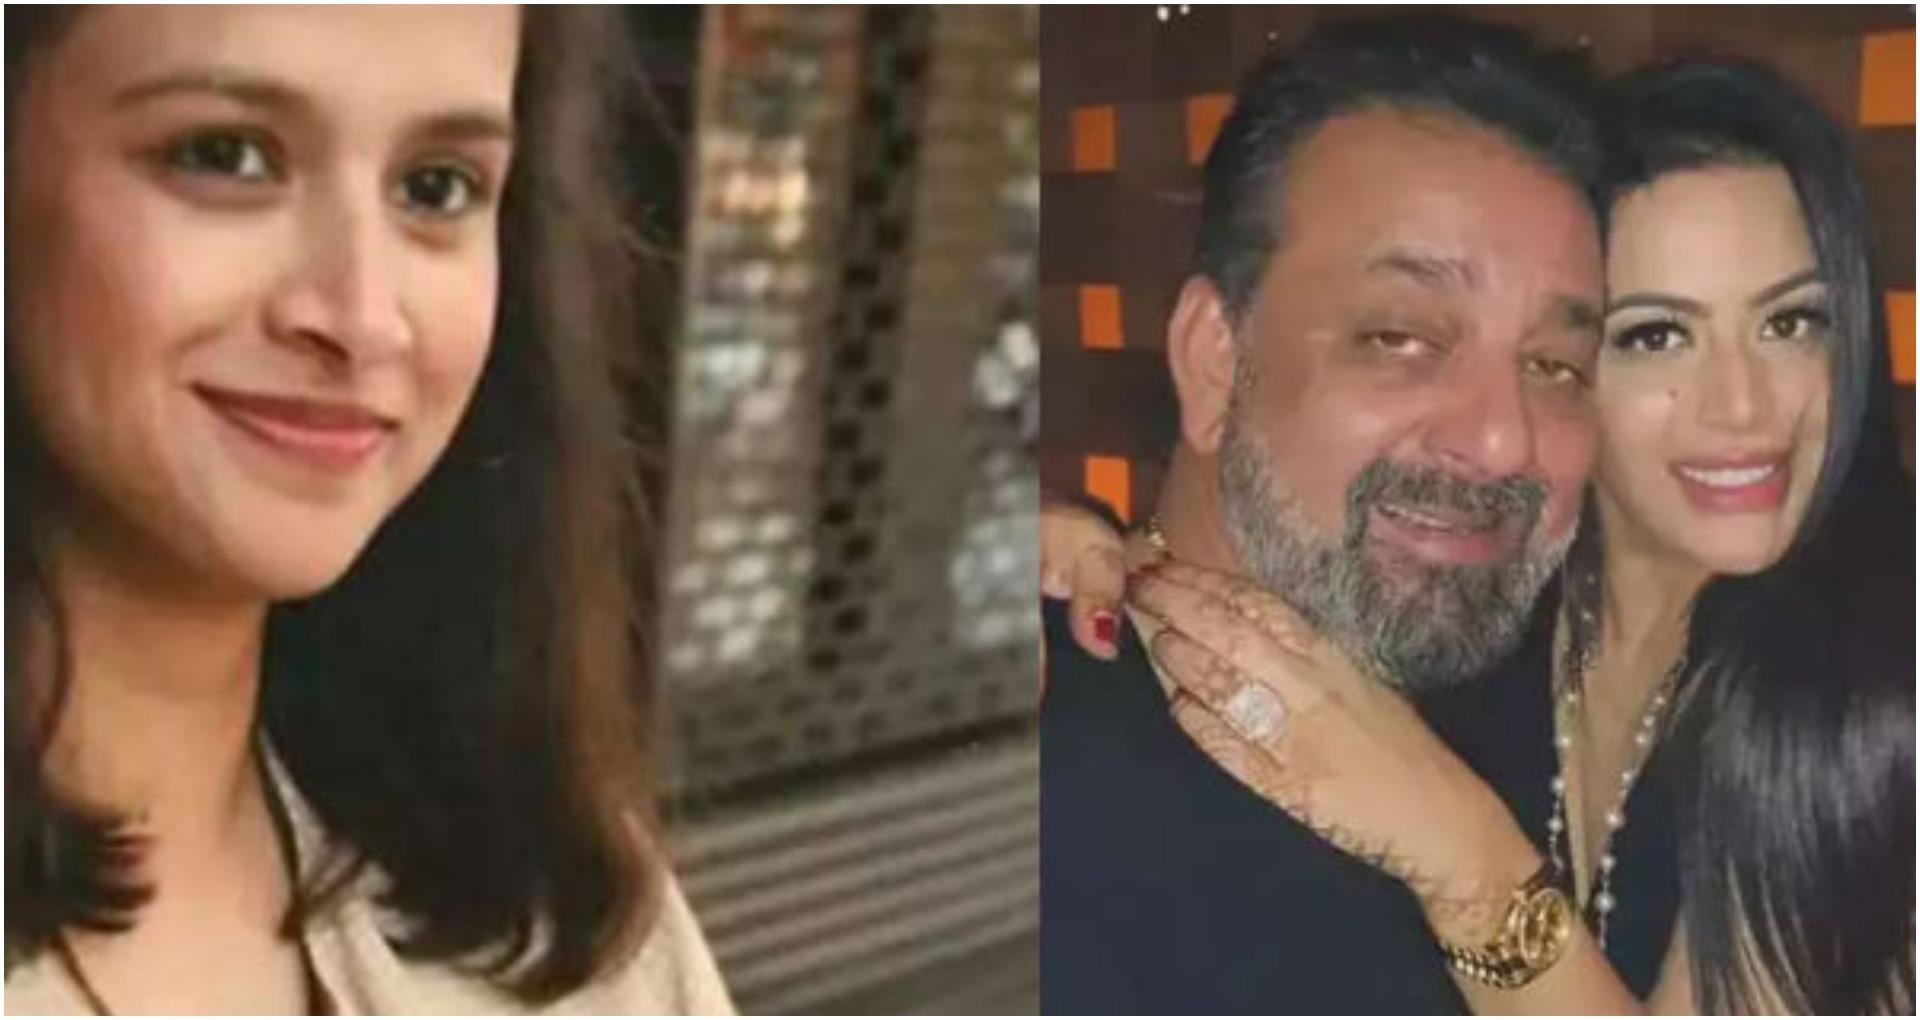 संजय दत्त की बेटी त्रिशाला दत्त ने शेयर की मां की खूबसूरत तस्वीर, मान्यता दत्त ने भी किया कमेंट